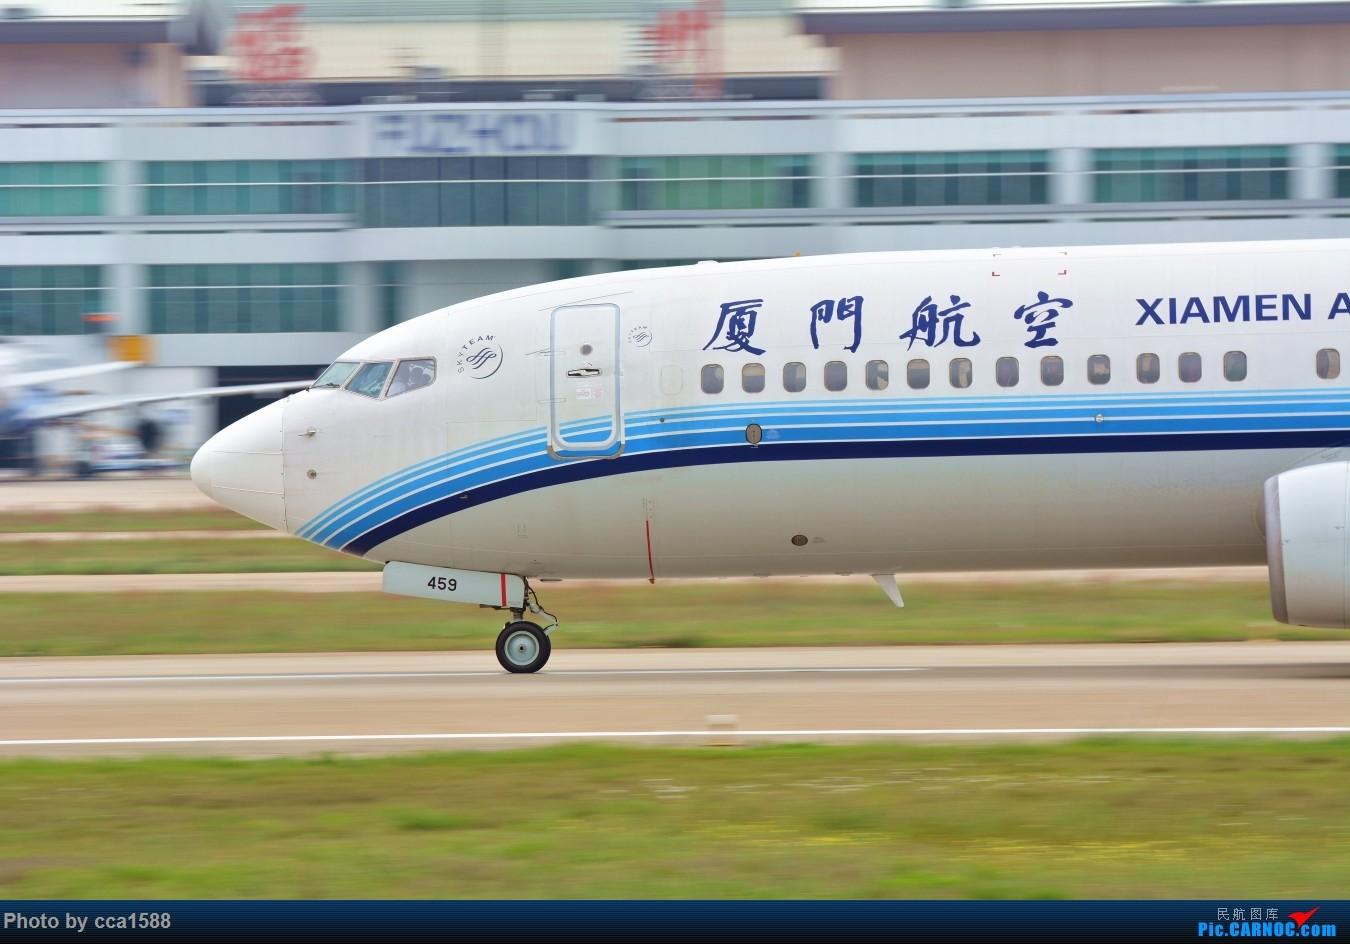 """Re:[原创]【福州飞友会】庆祝""""太空""""回归,一起嗨起来吧~! AIRBUS A319-100 B-6459 中国福州长乐国际机场 中国福州长乐国际机场"""